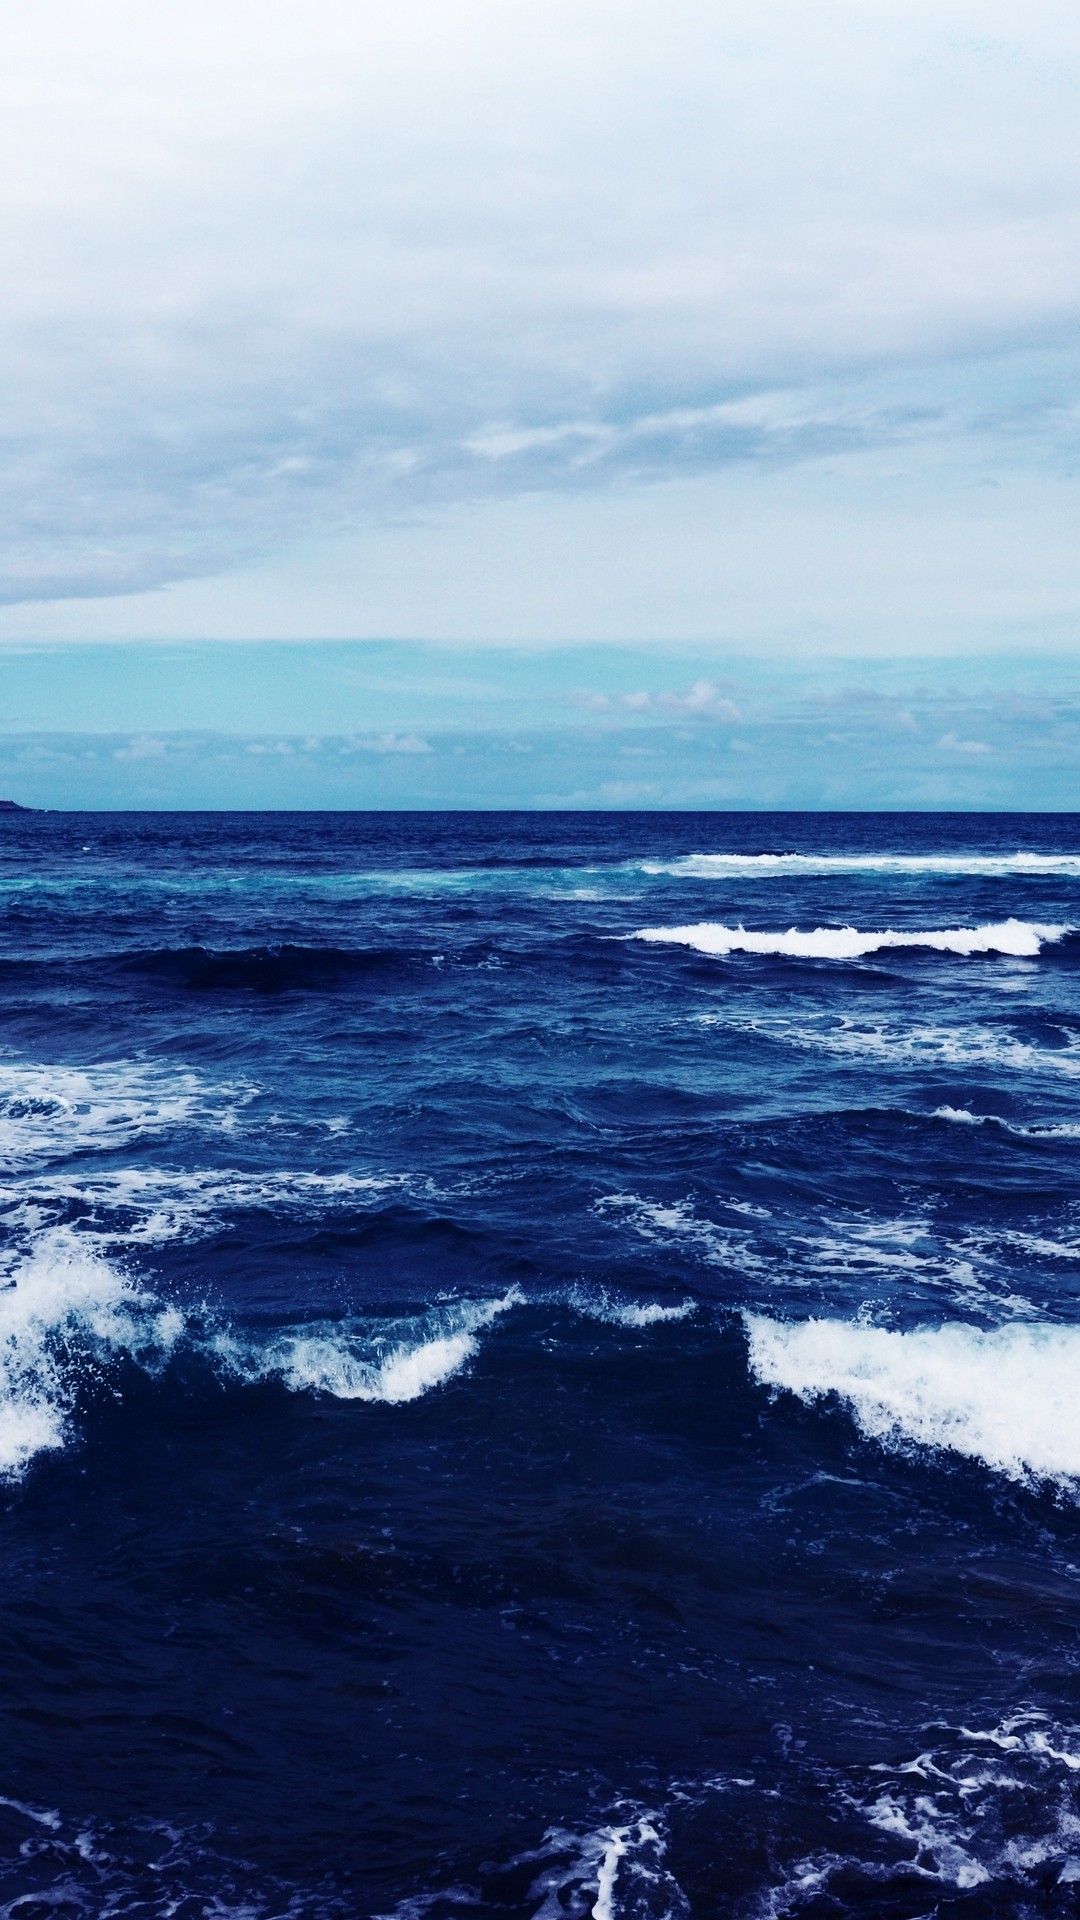 Wave iPhone 5 wallpaper